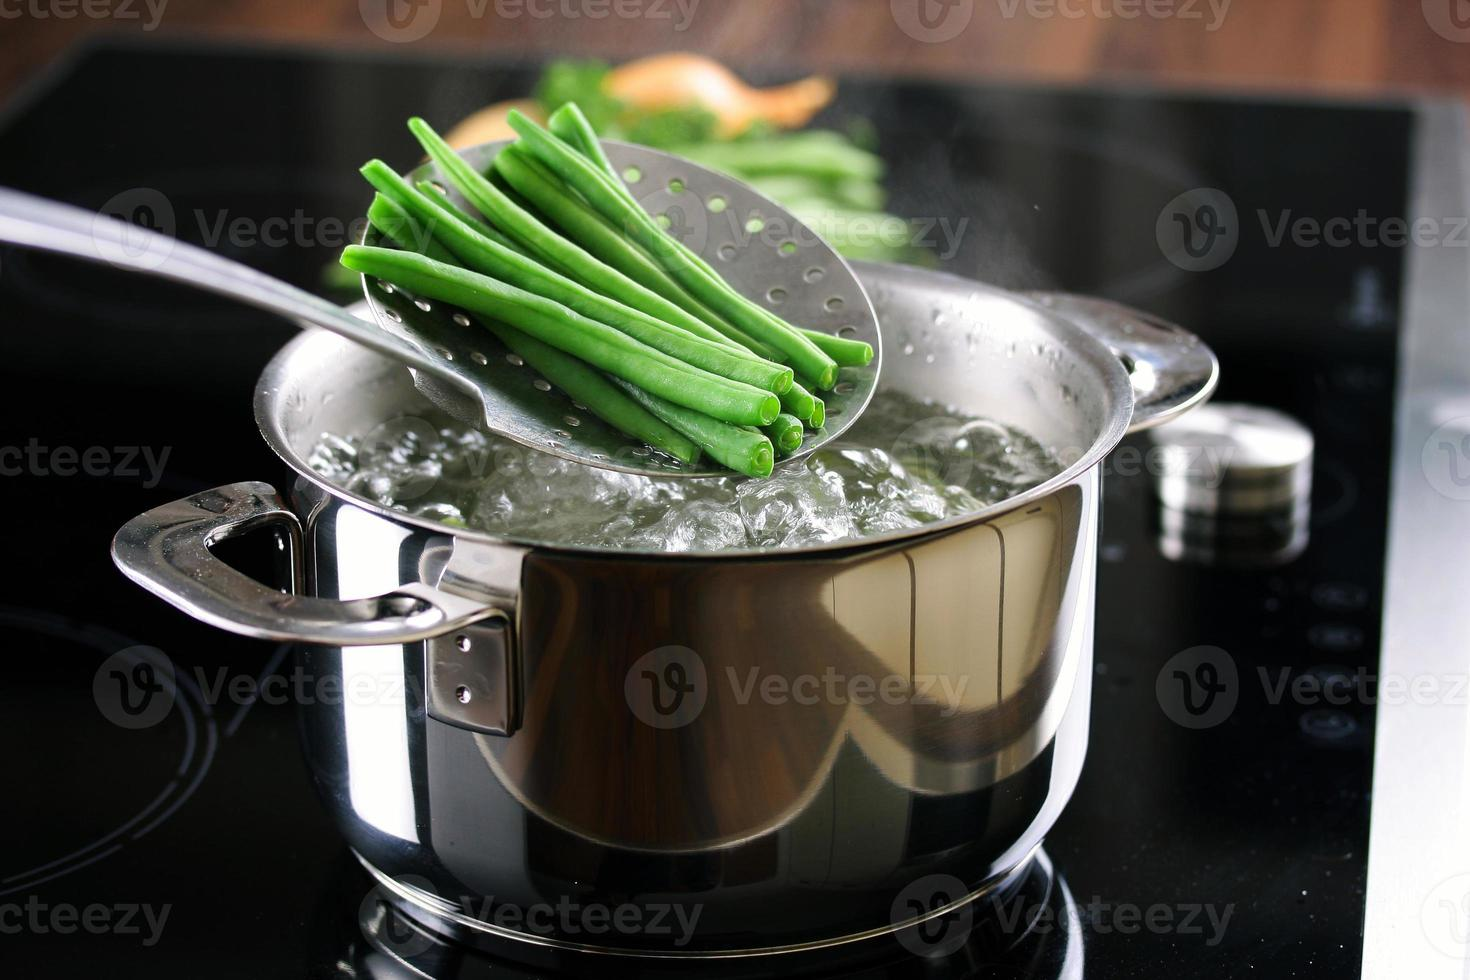 matlagning gröna bönor foto